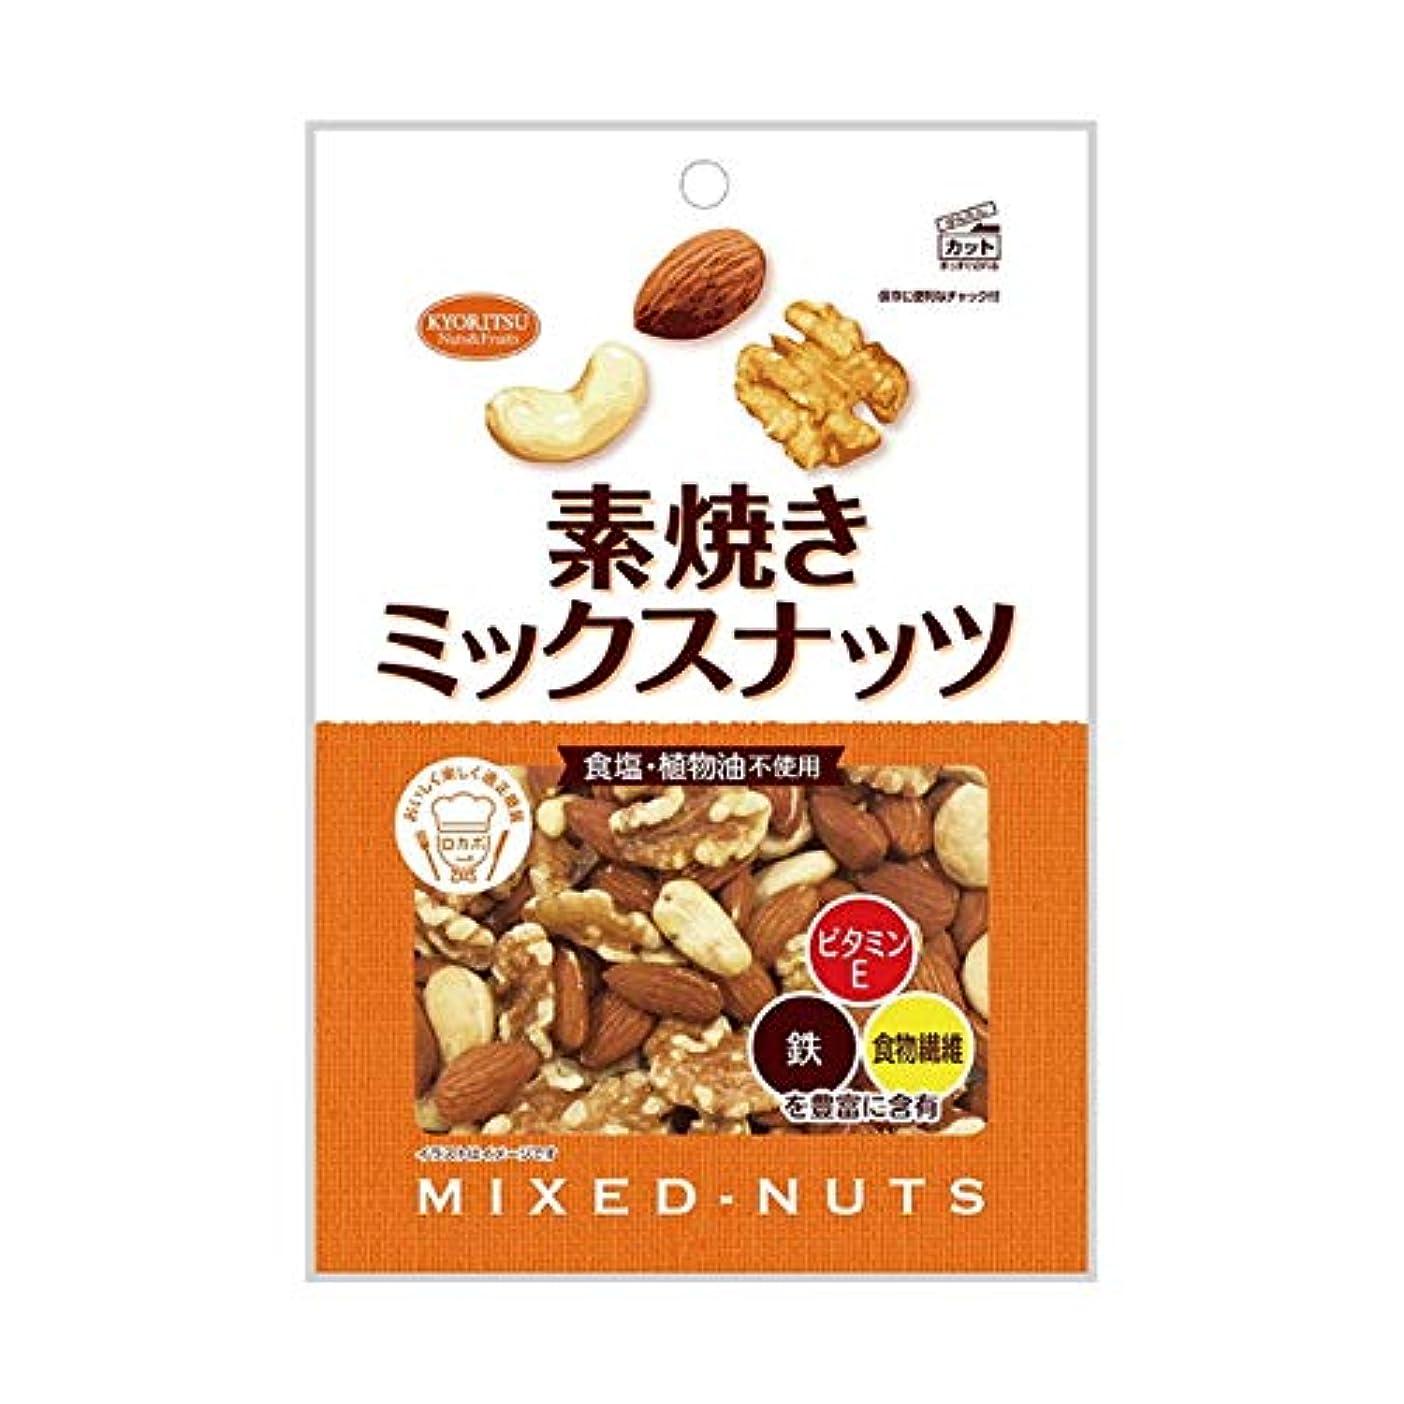 経歴平和な寸前◆共立 素焼きミックスナッツ 徳用 200g【6個セット】